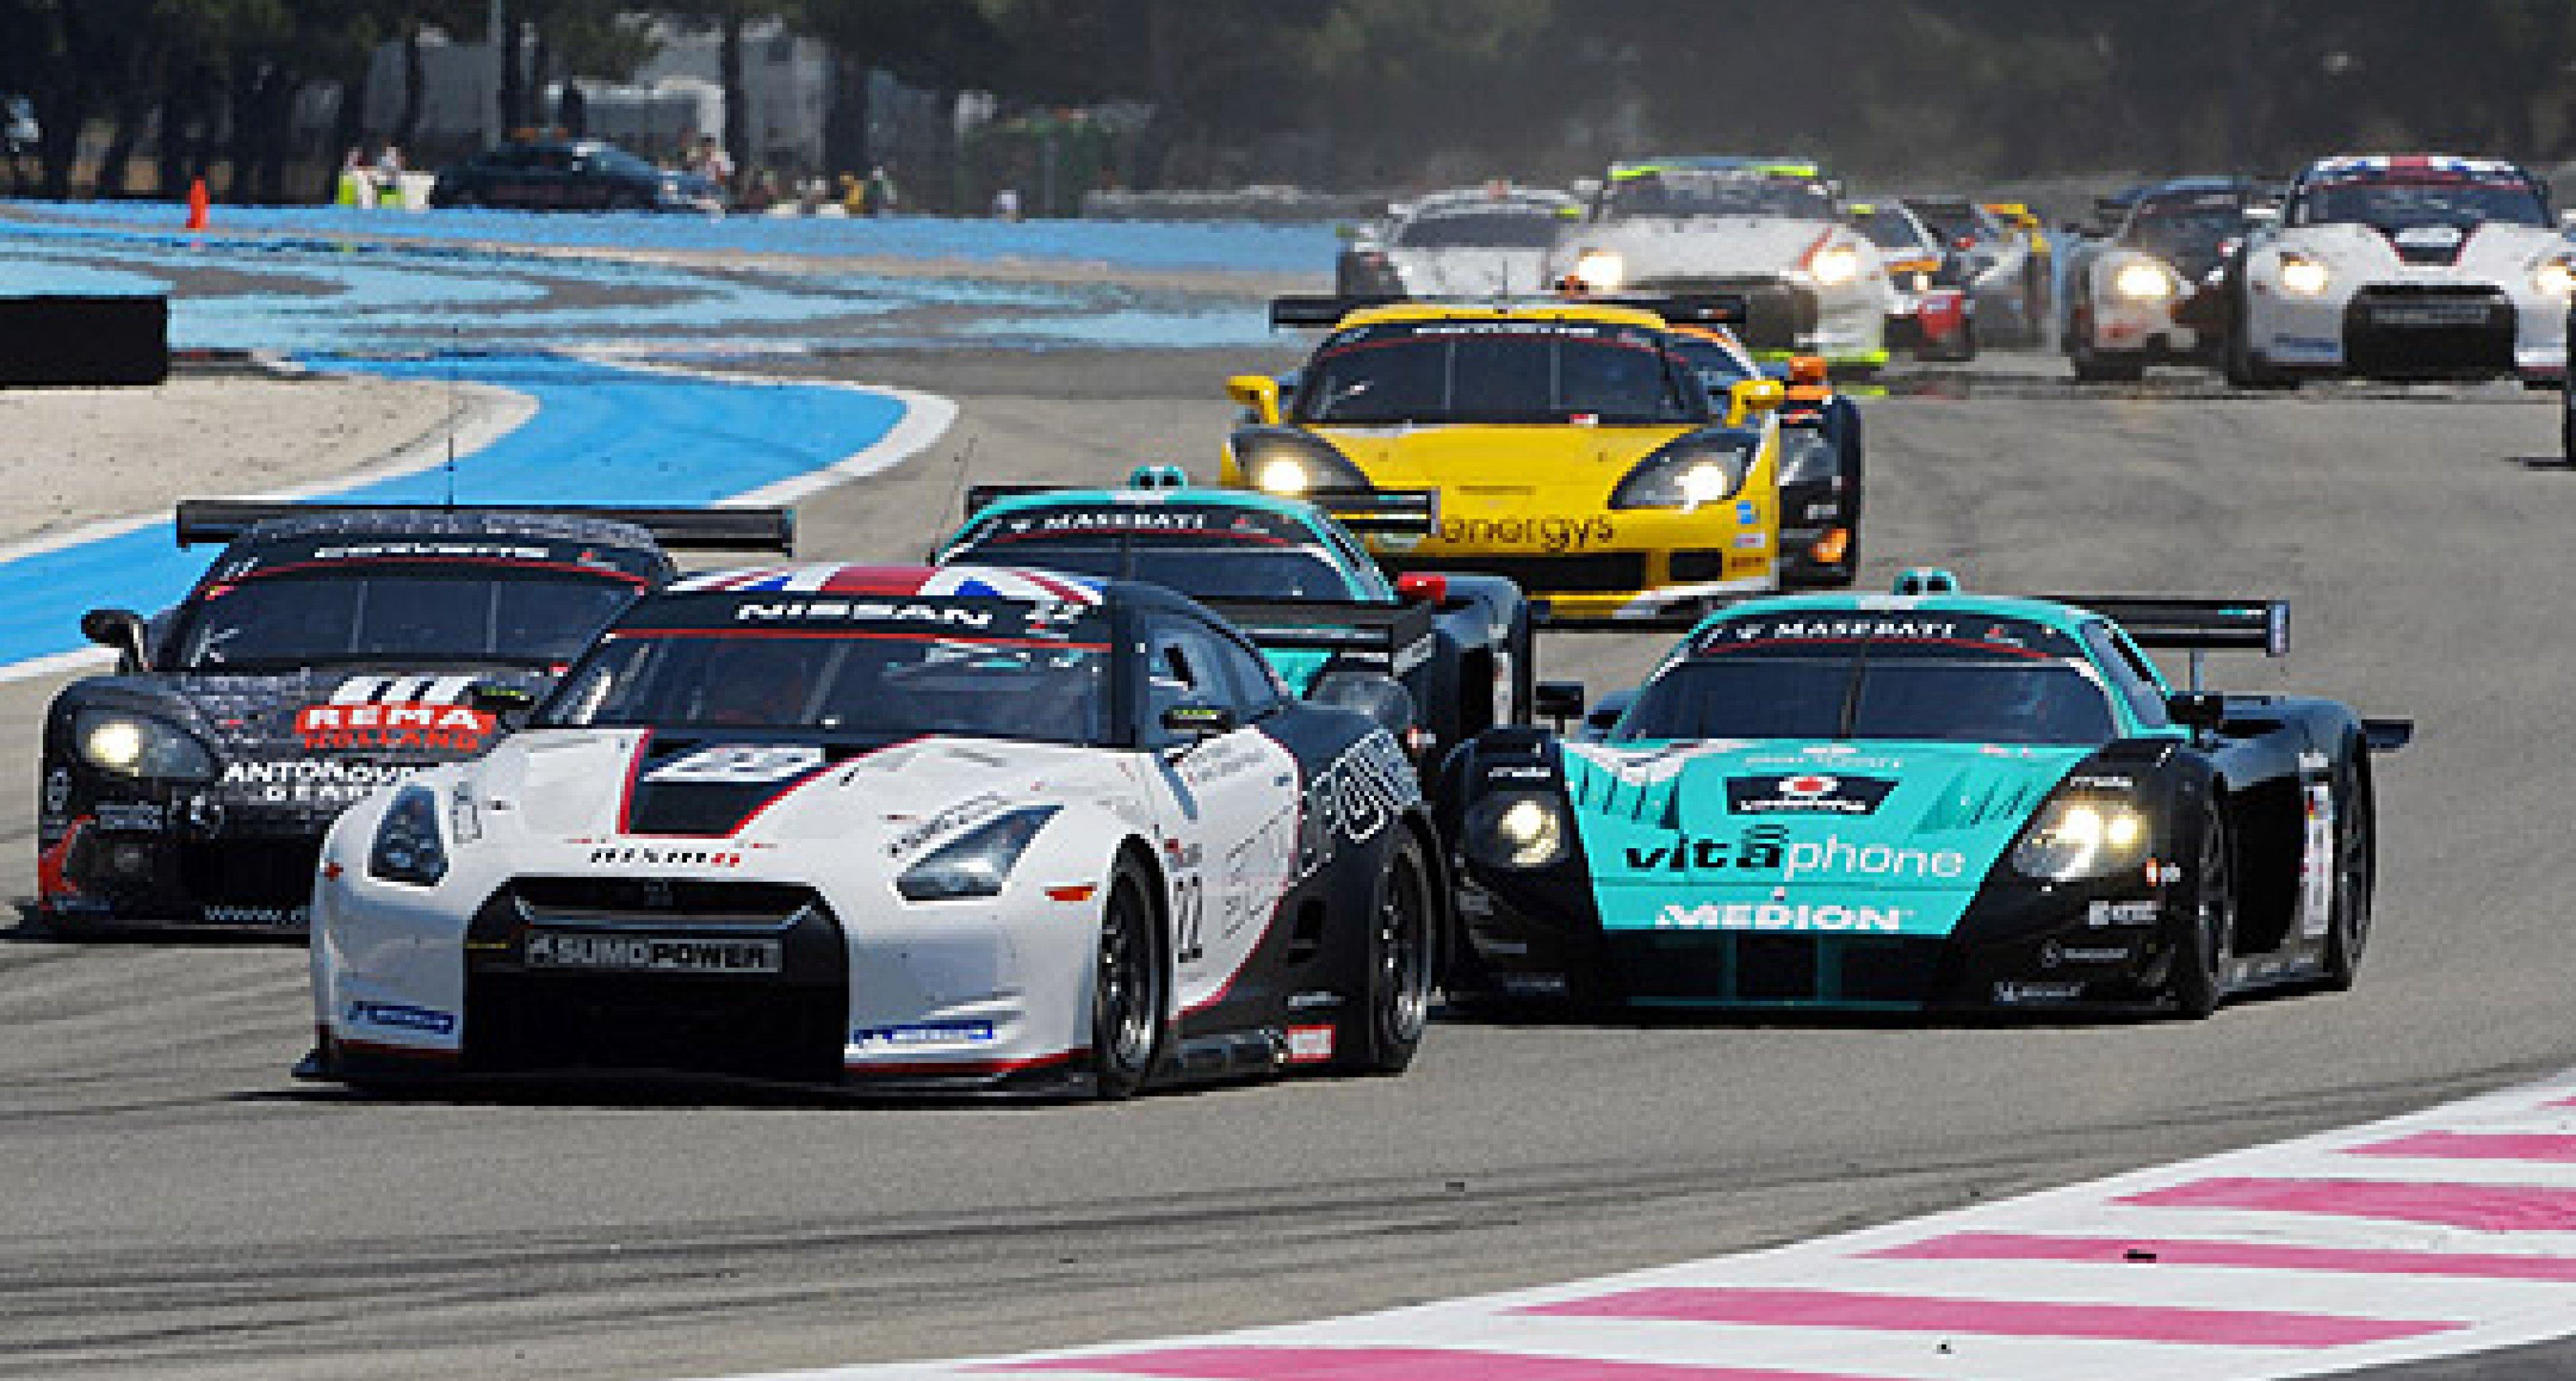 Verlosung: Freikarten für die FIA-GT1-WM am Nürburgring